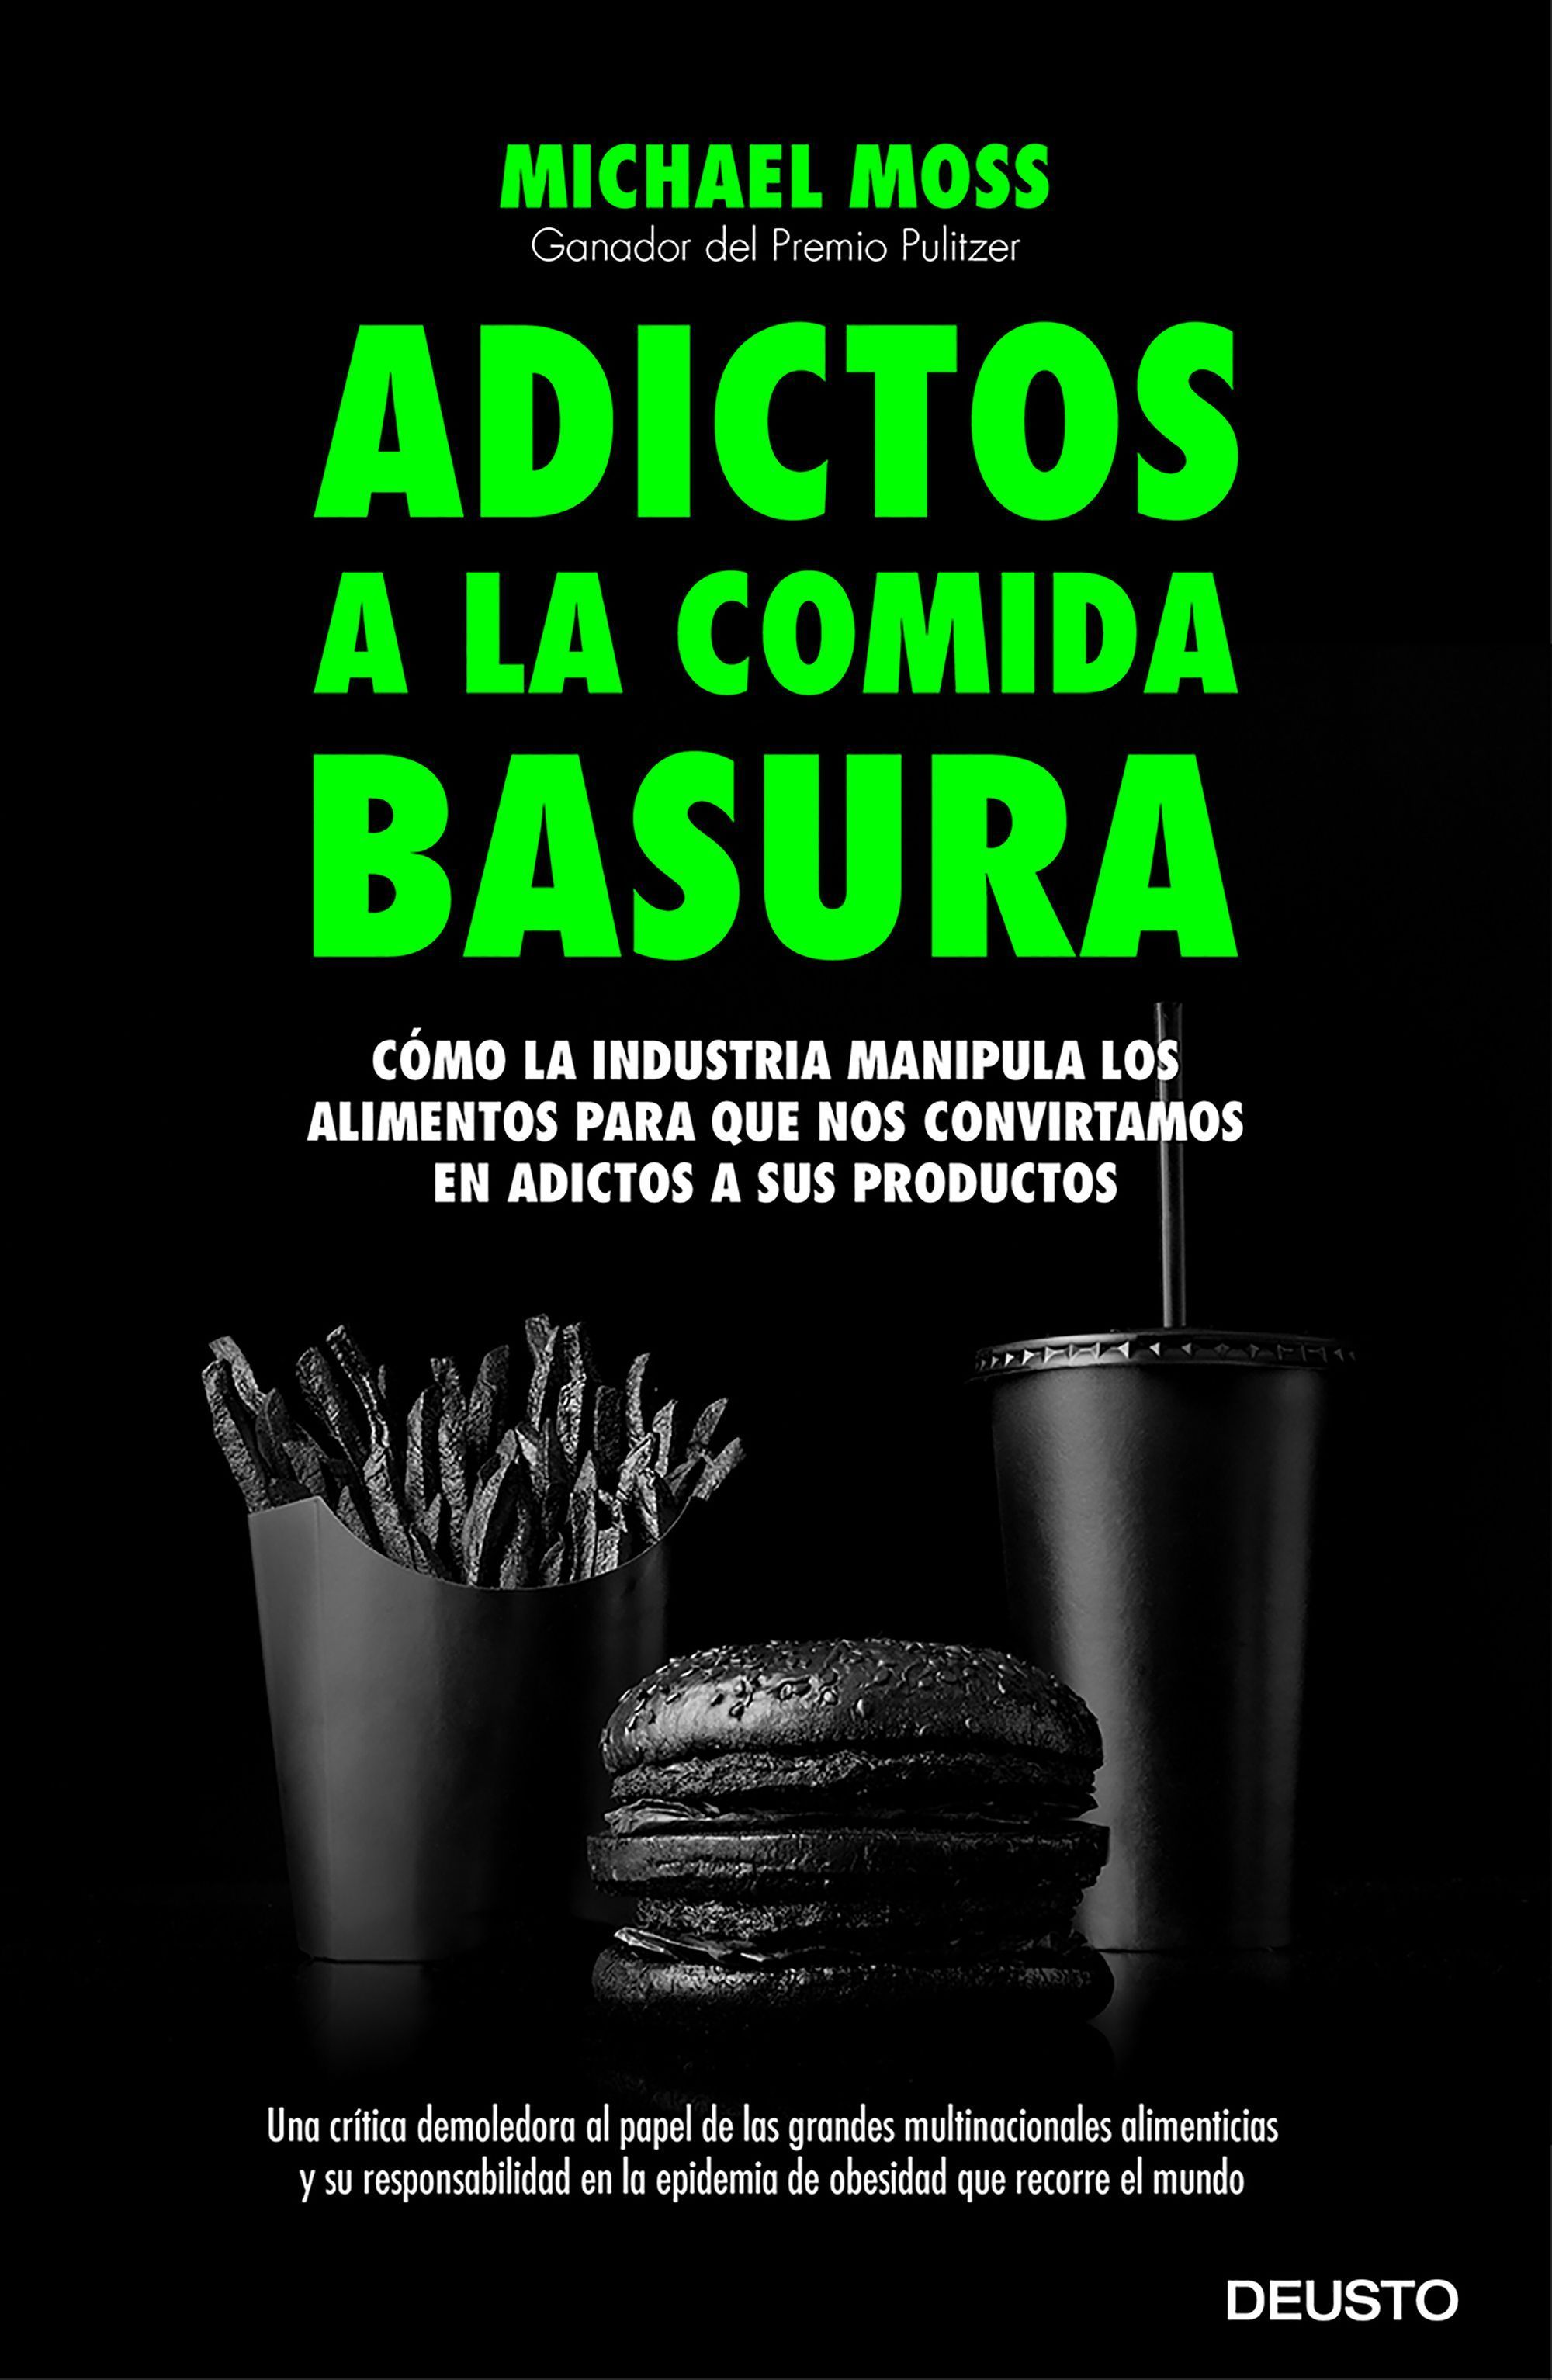 9.50€Adictos-a-la-comida-basura | Nutrición | Pinterest | Adicto ...